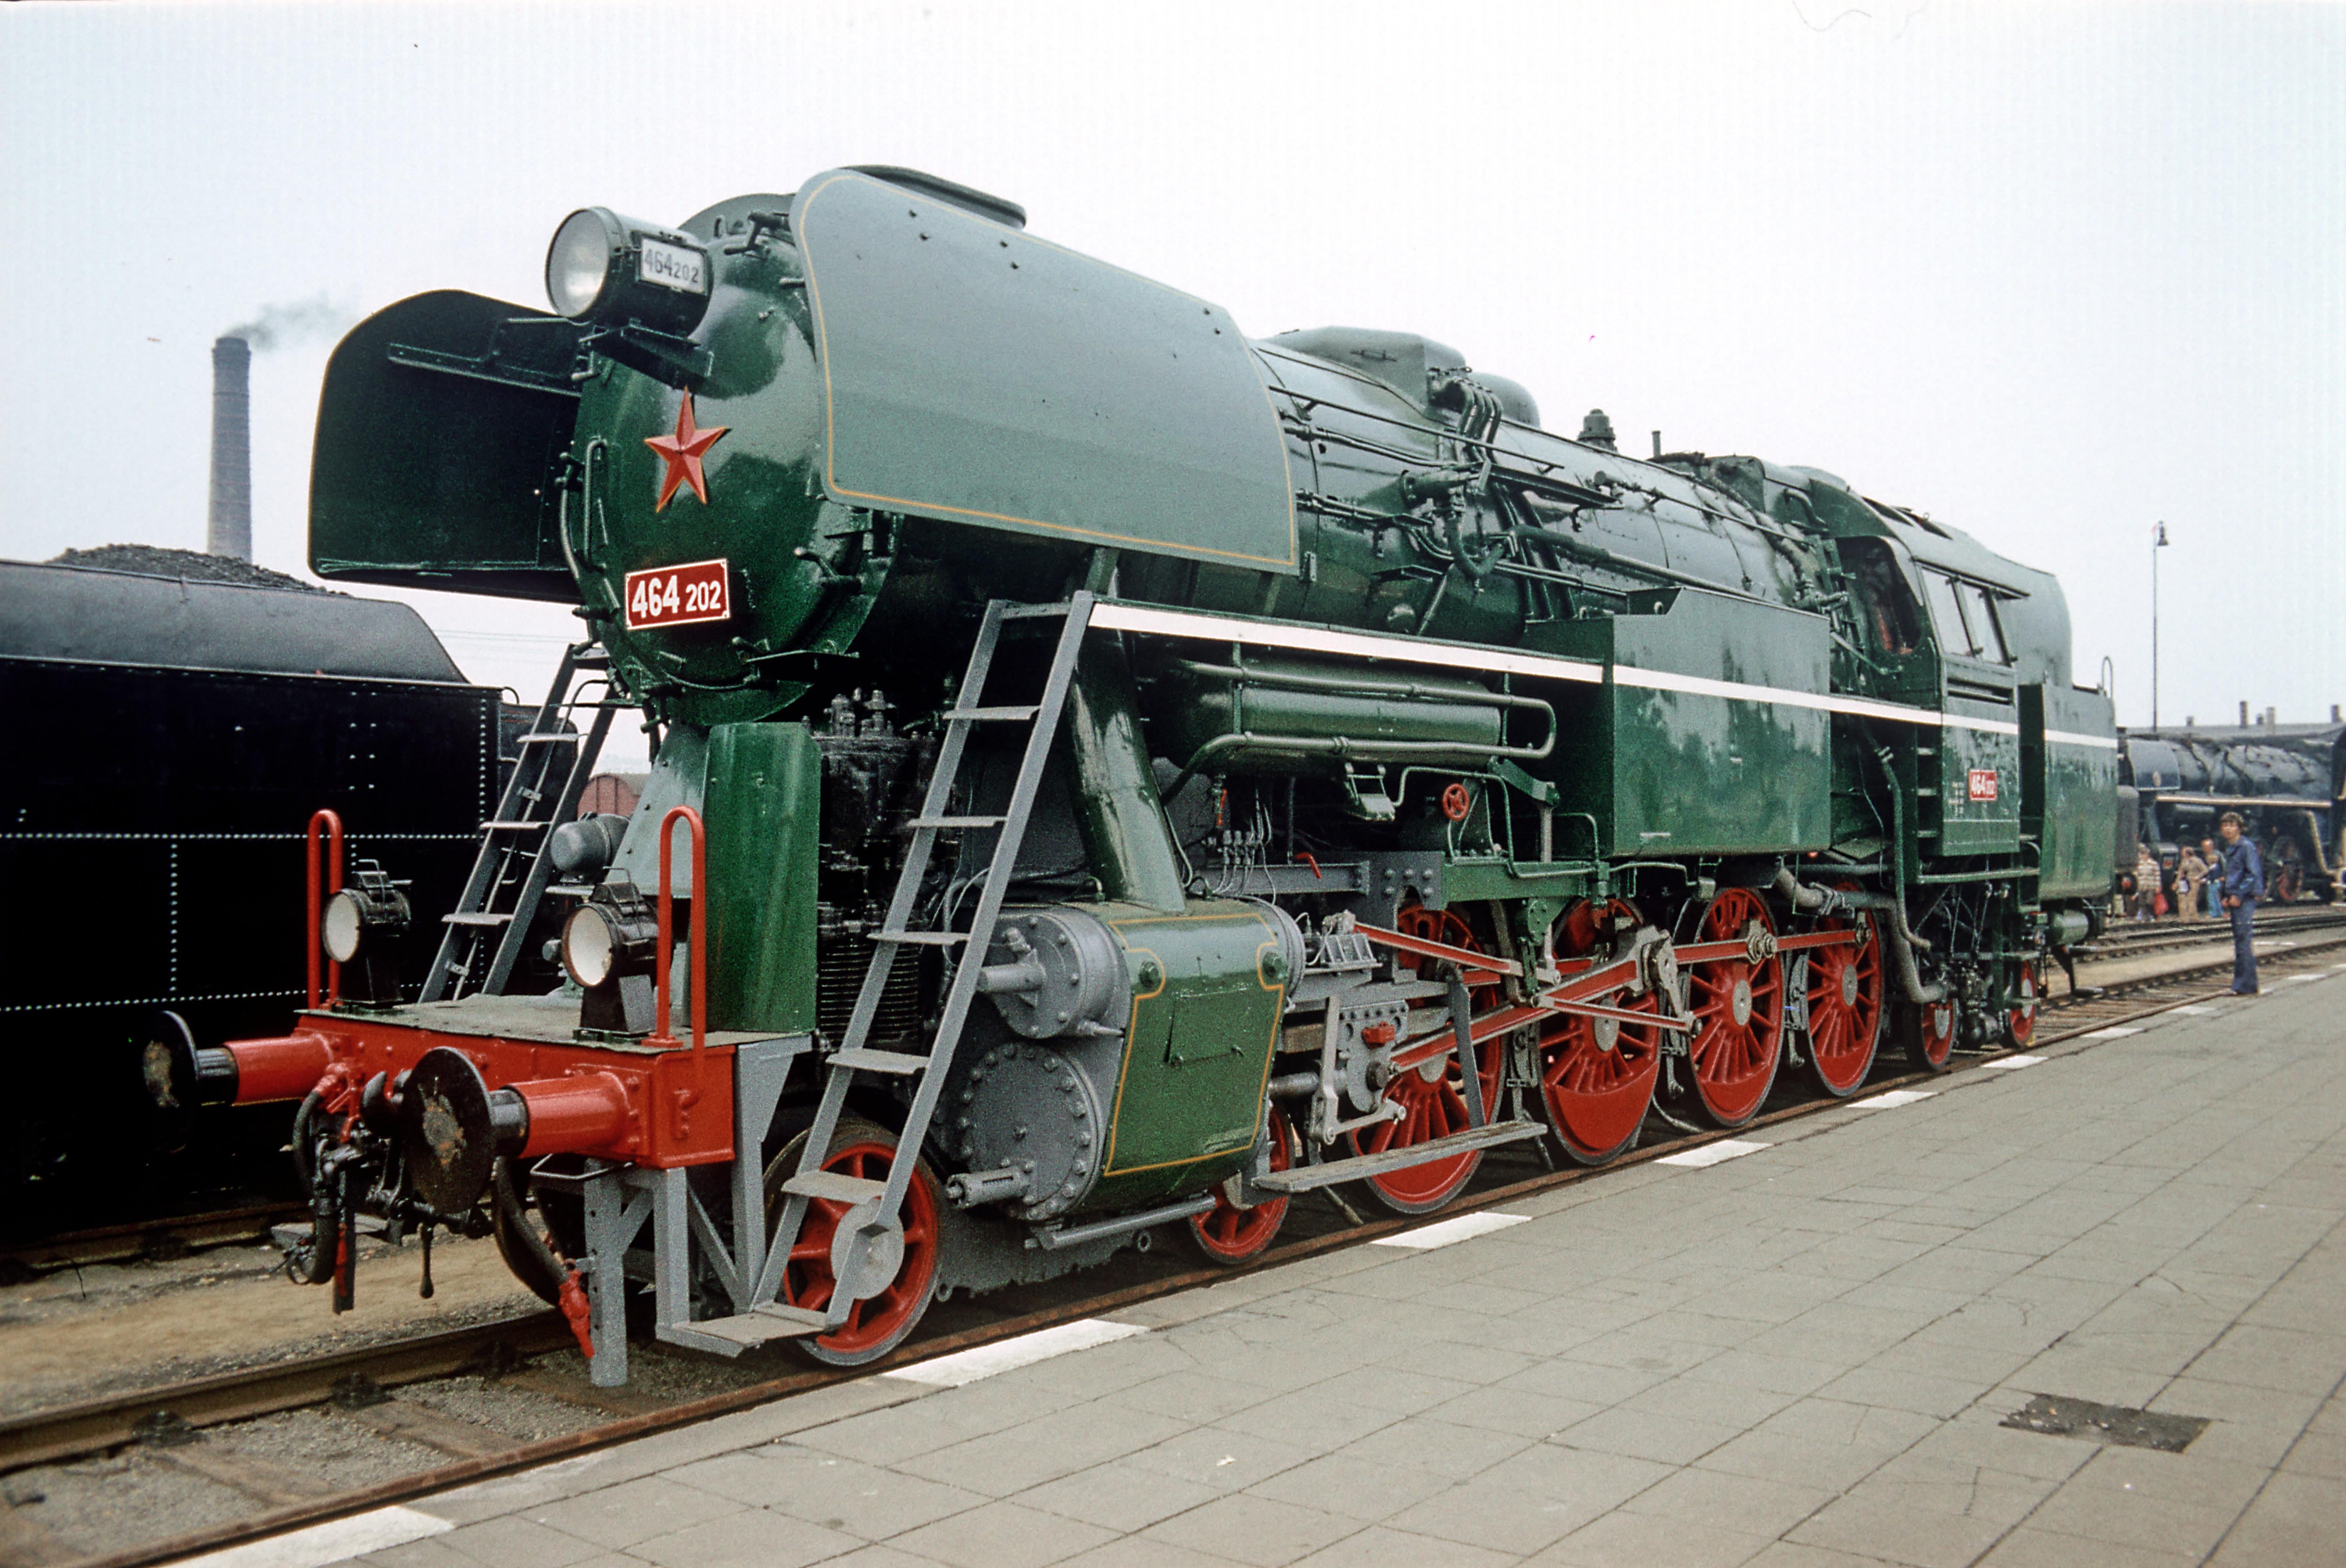 File:01 116 ČSD-Personenzugtenderlok 464 202.jpg